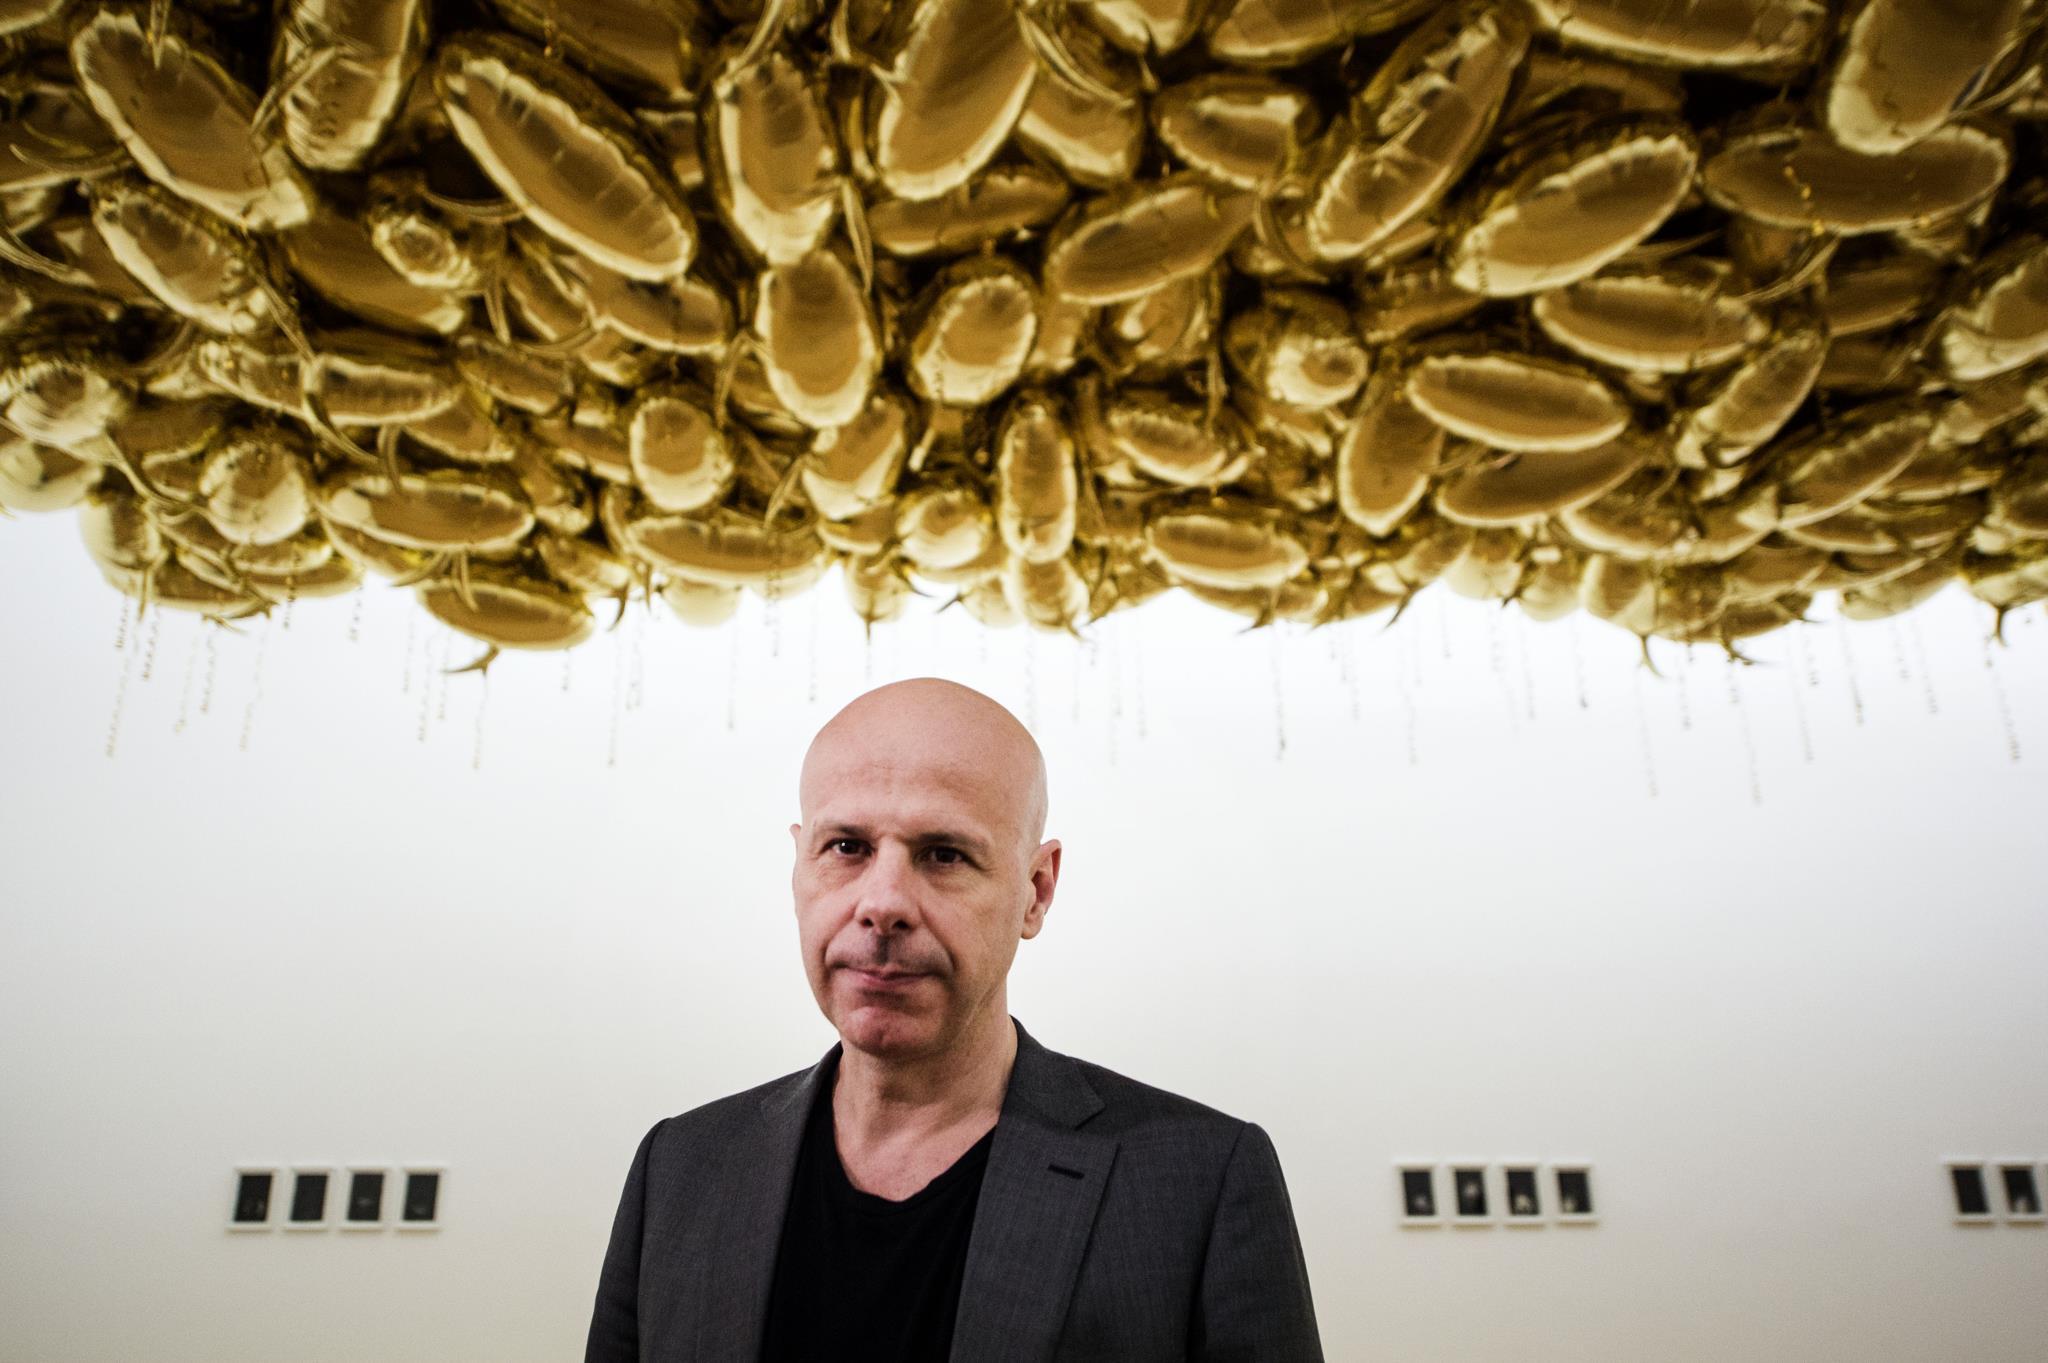 PÚBLICO - O visitante tem de inventar a arte